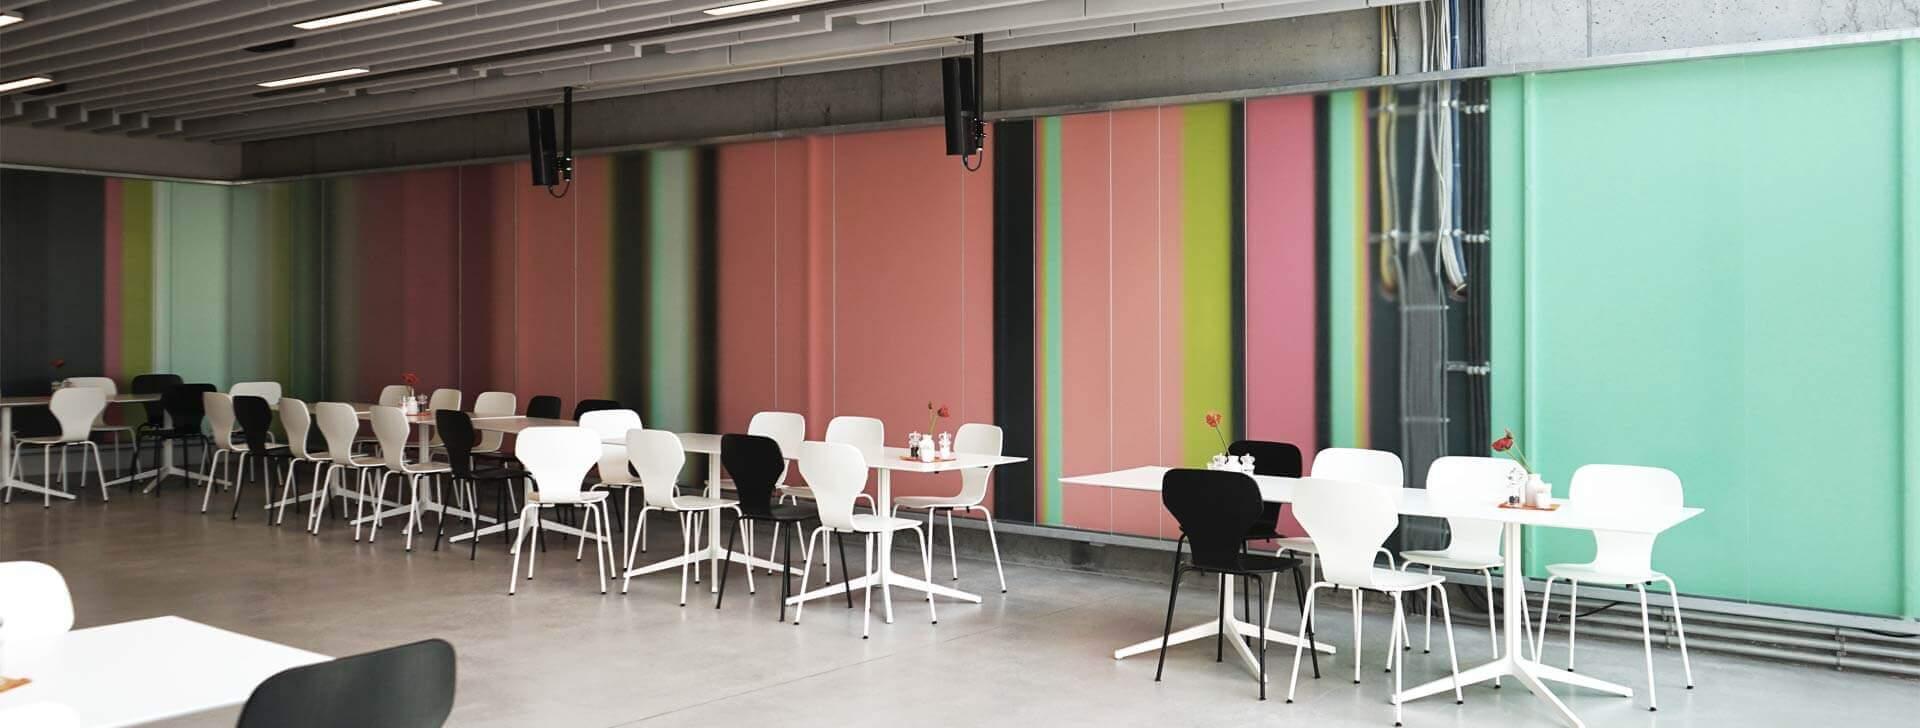 Croma_Headquarter_Architekturprojekt_farkgestaltung_ingo_nussbaumer_querkraft_Restaurant